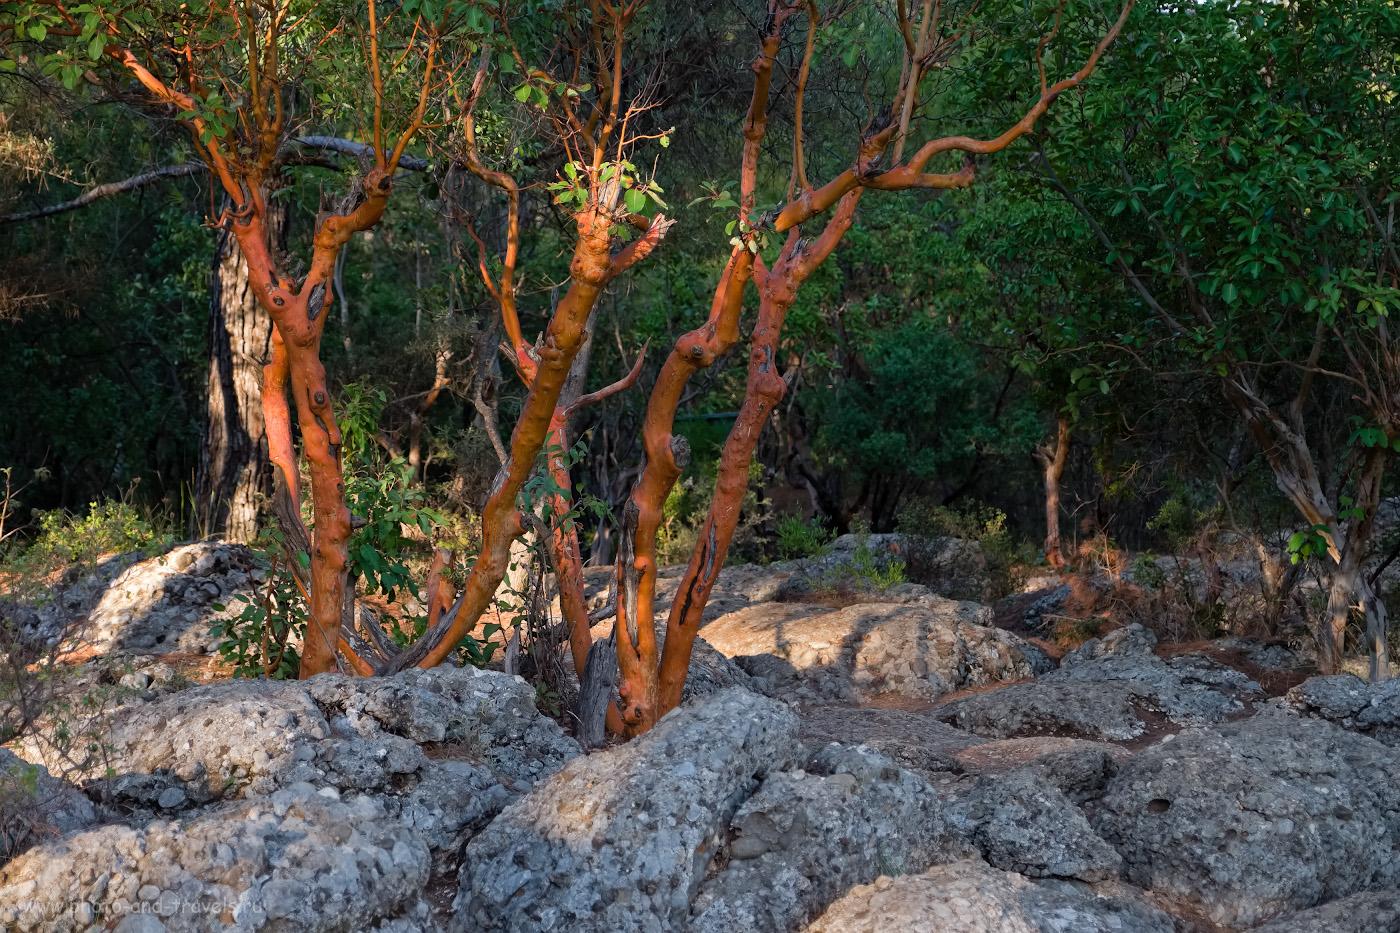 18. У края ущелья можно увидеть земляничное дерево с розовой корой. 1/250, 2.8, 250, -0.67, 48.